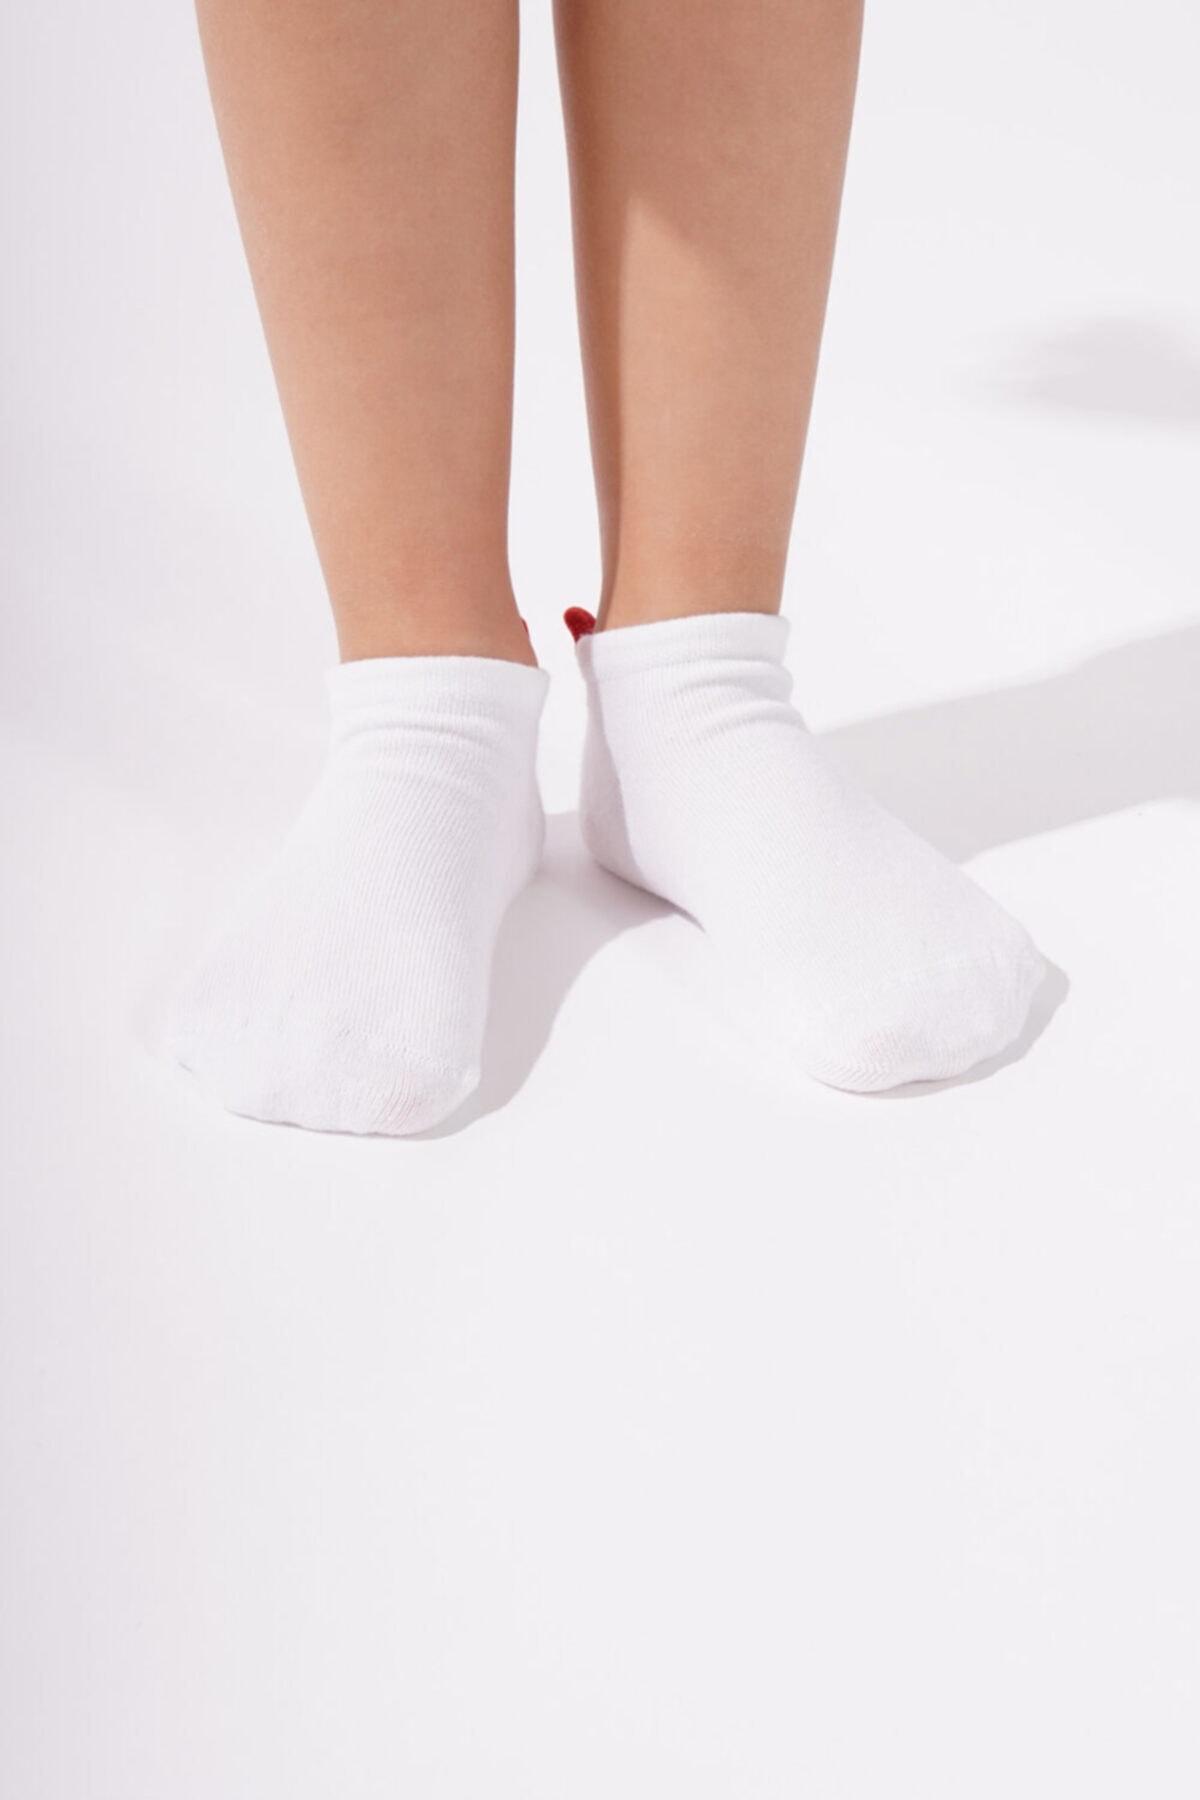 Katia&Bony Back Heart Çocuk Patik Çorap - Beyaz 2